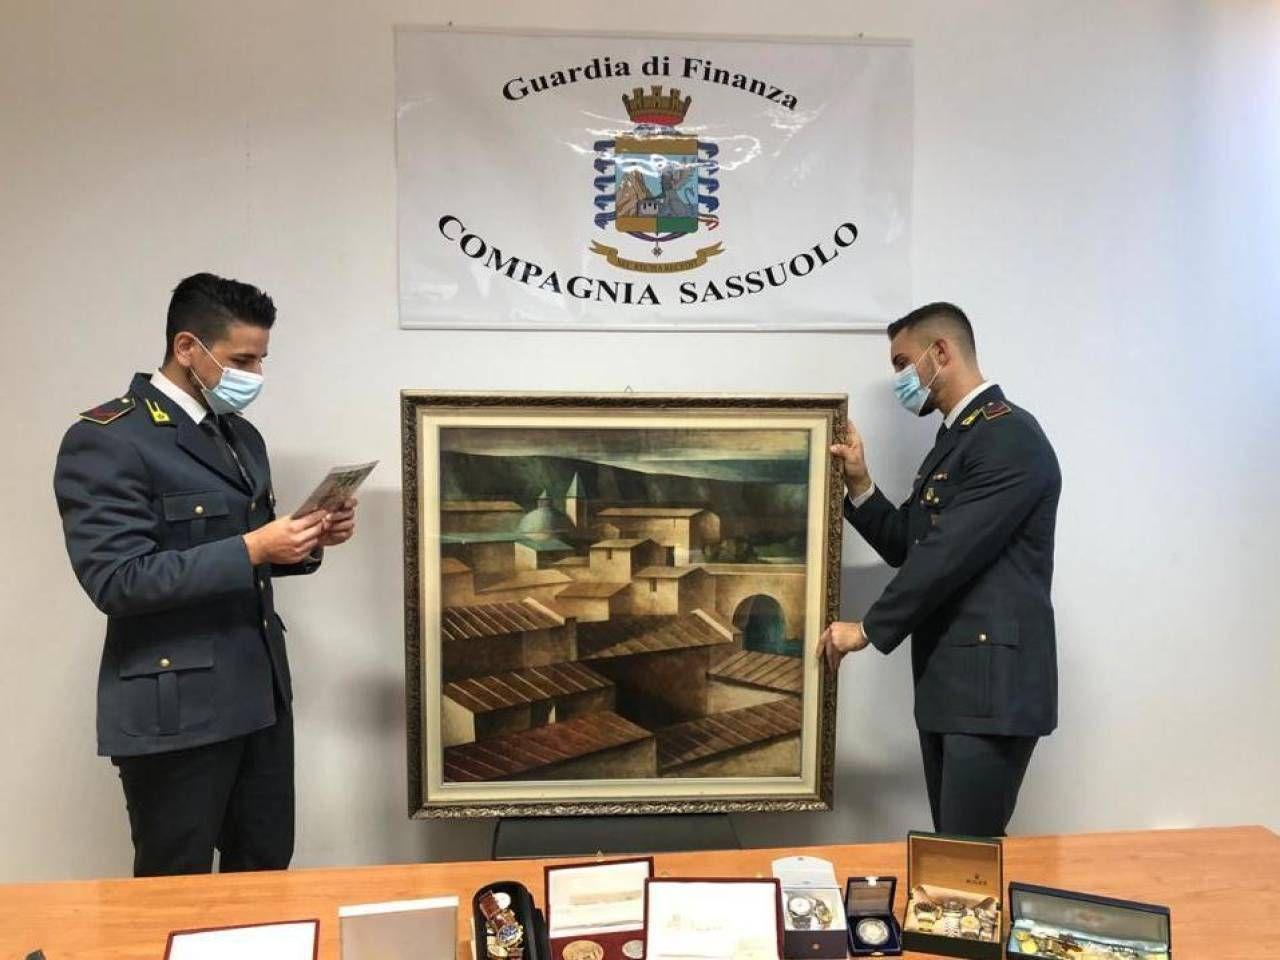 La guardia di finanza mostra alcuni dei beni sequestrati